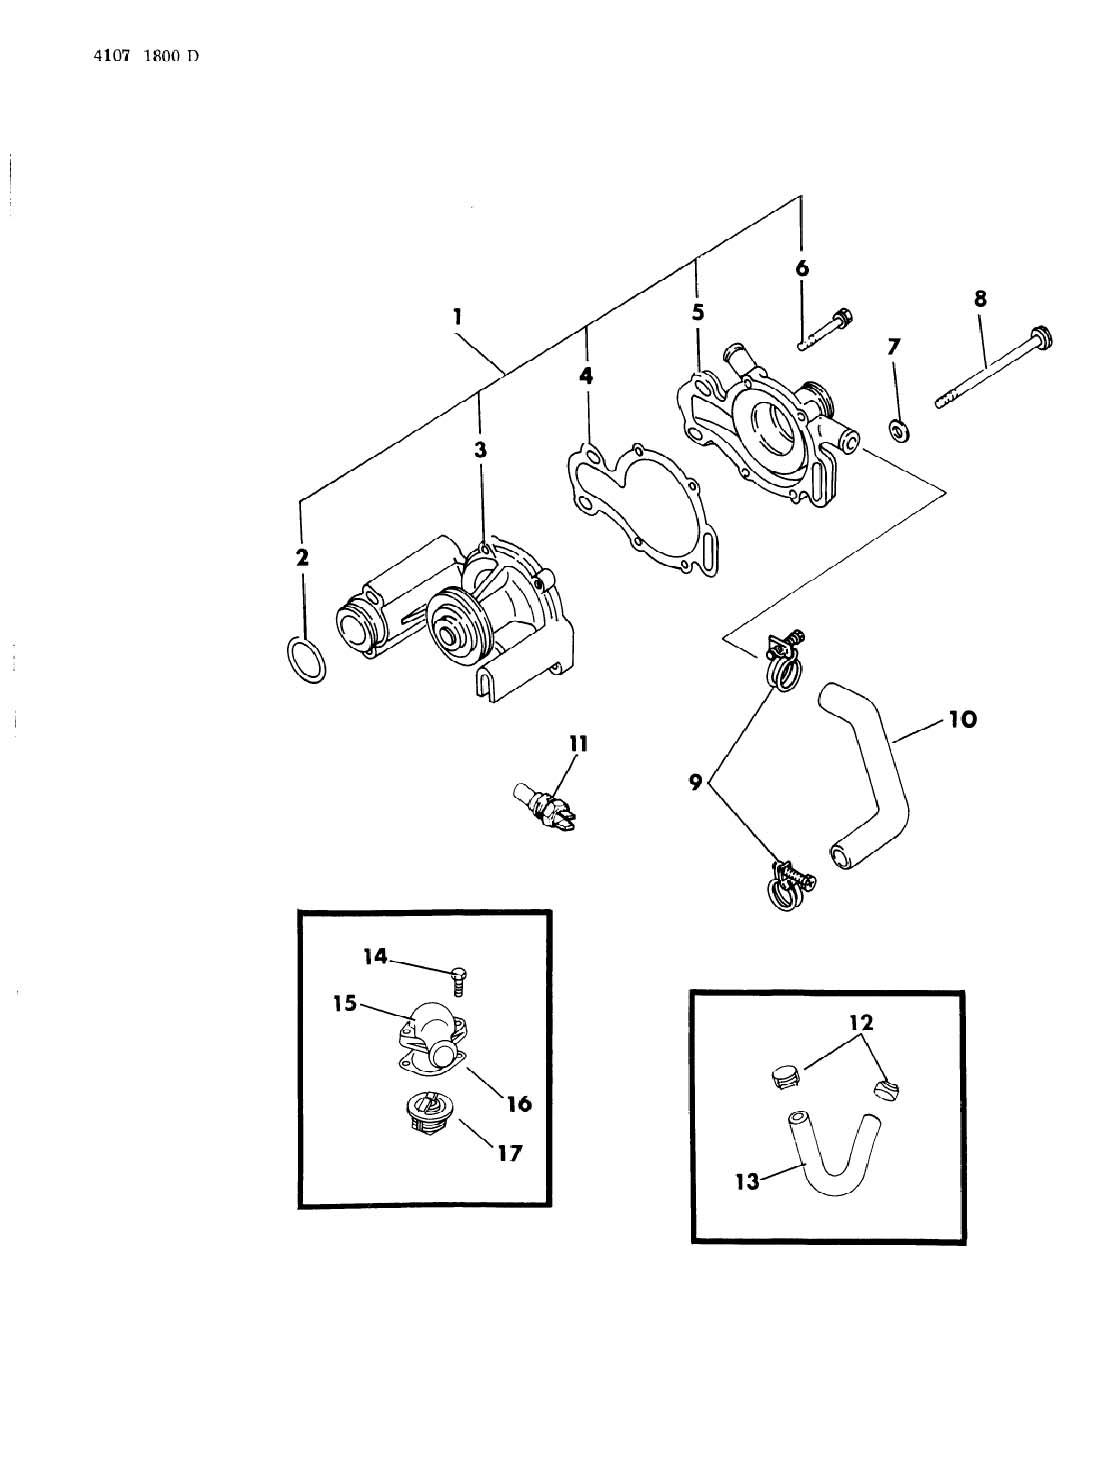 1989 Chrysler Lebaron Convertible Wiring Diagram